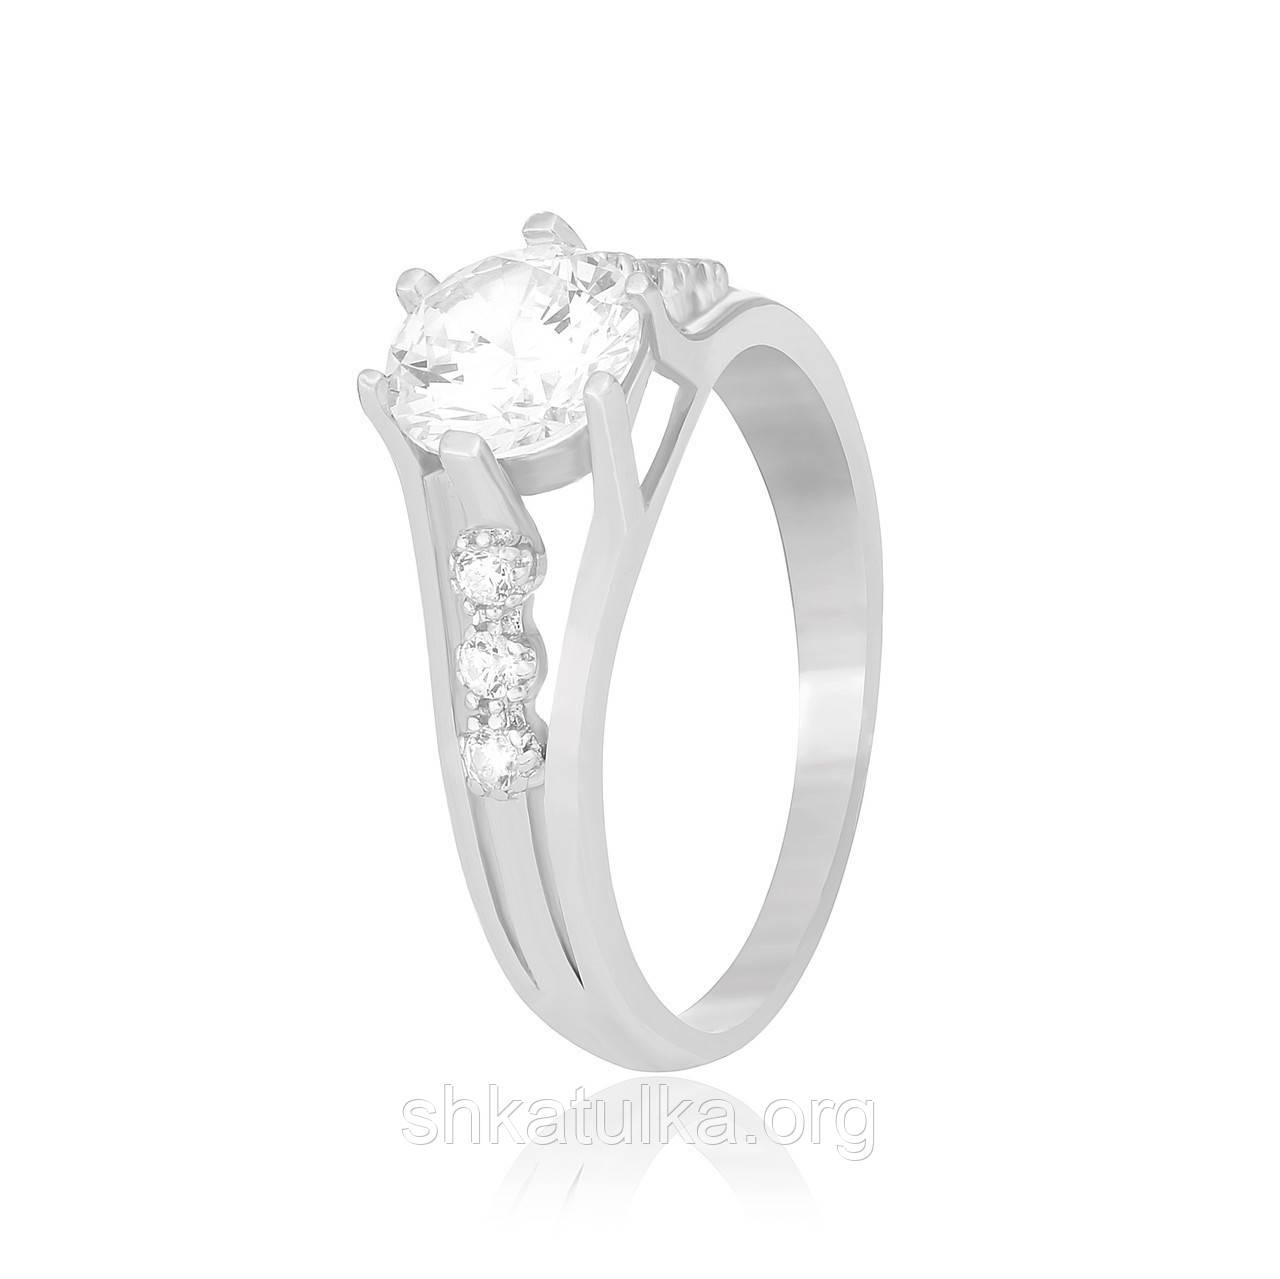 Серебряное кольцо с фианитом К2Ф/740